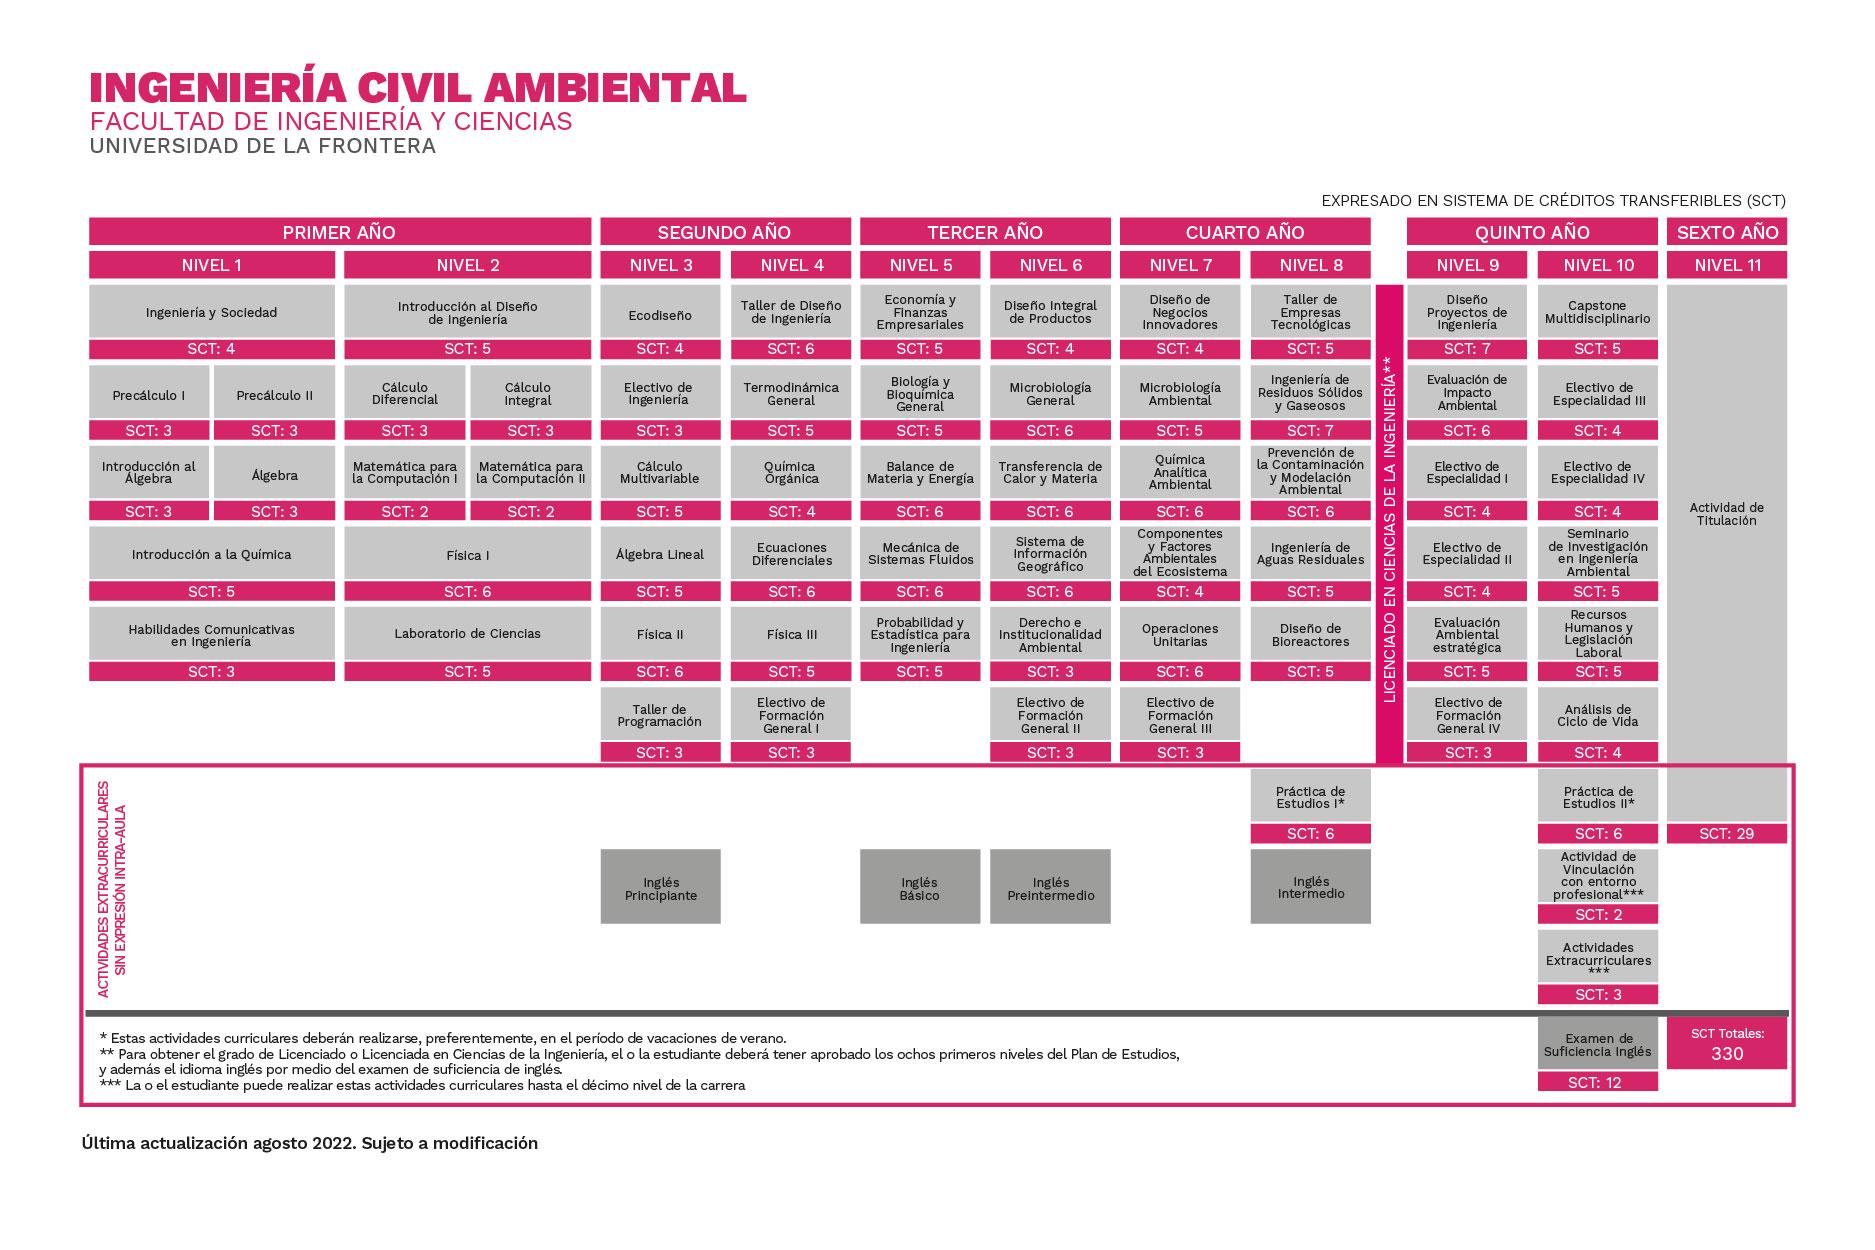 Plan de Estudios Ingeniería Civil Ambiental Universidad de La Frontera